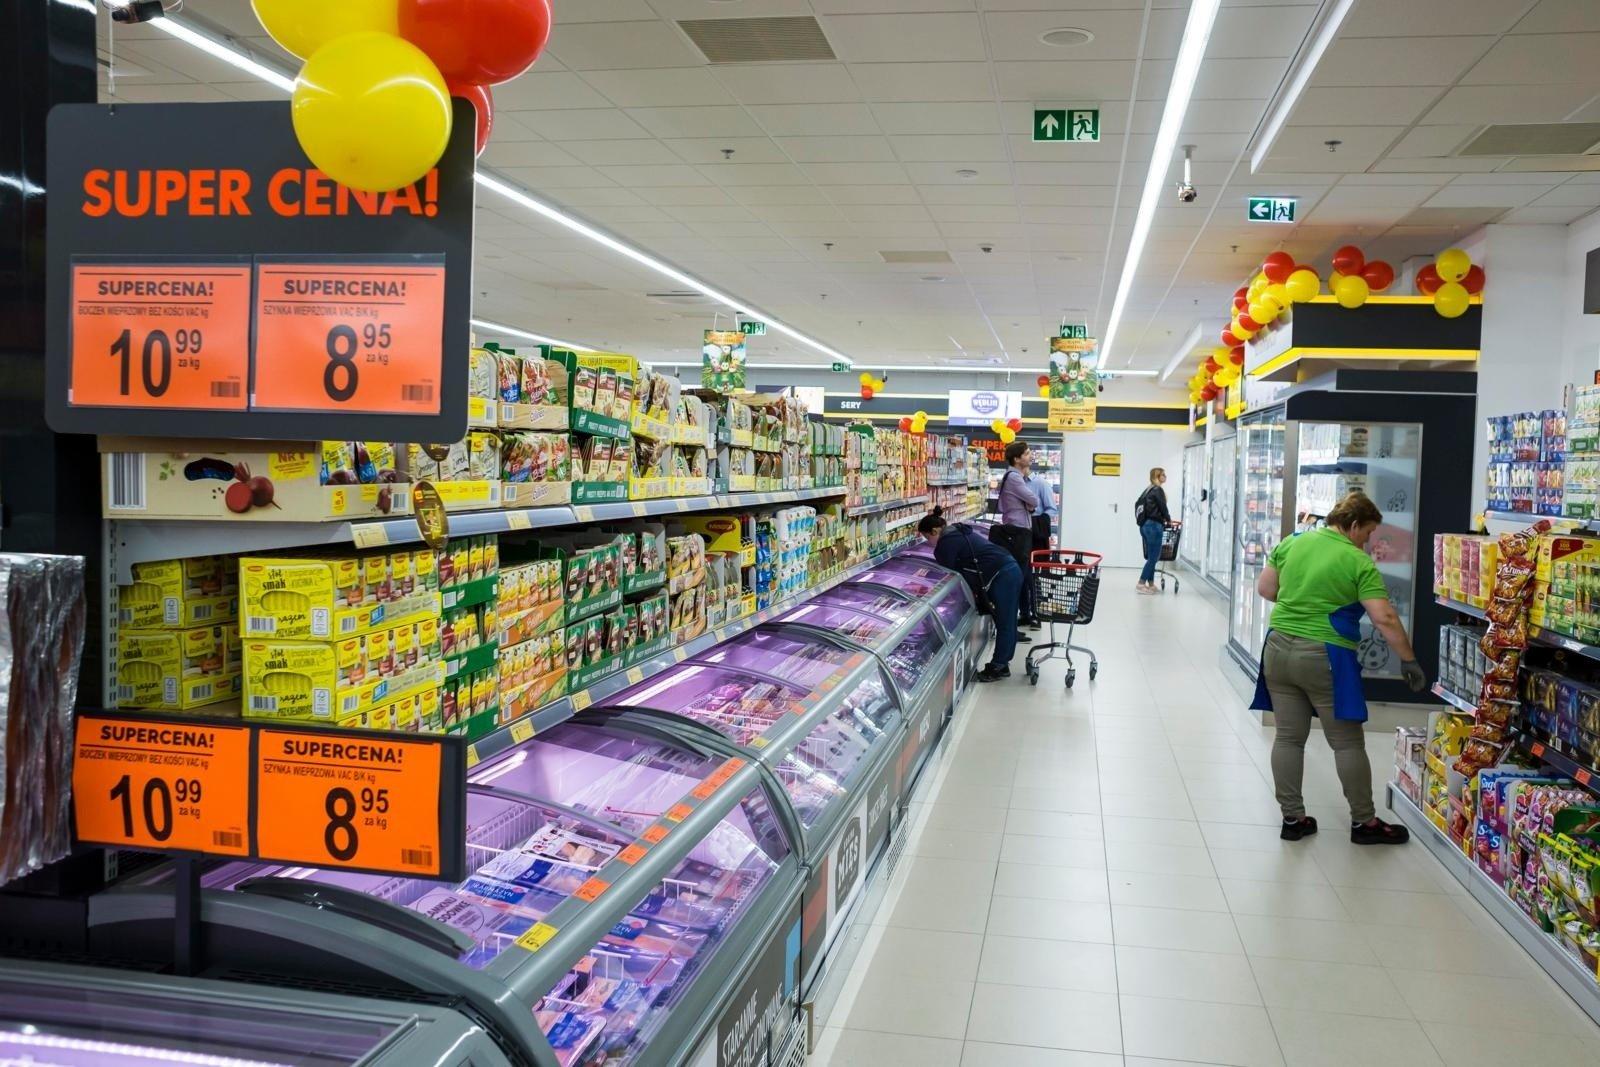 Niedziele handlowe w styczniu 2020. To miesiąc poważnych zmian! [TERMINY, KALENDARZ] | Gazeta Pomorska